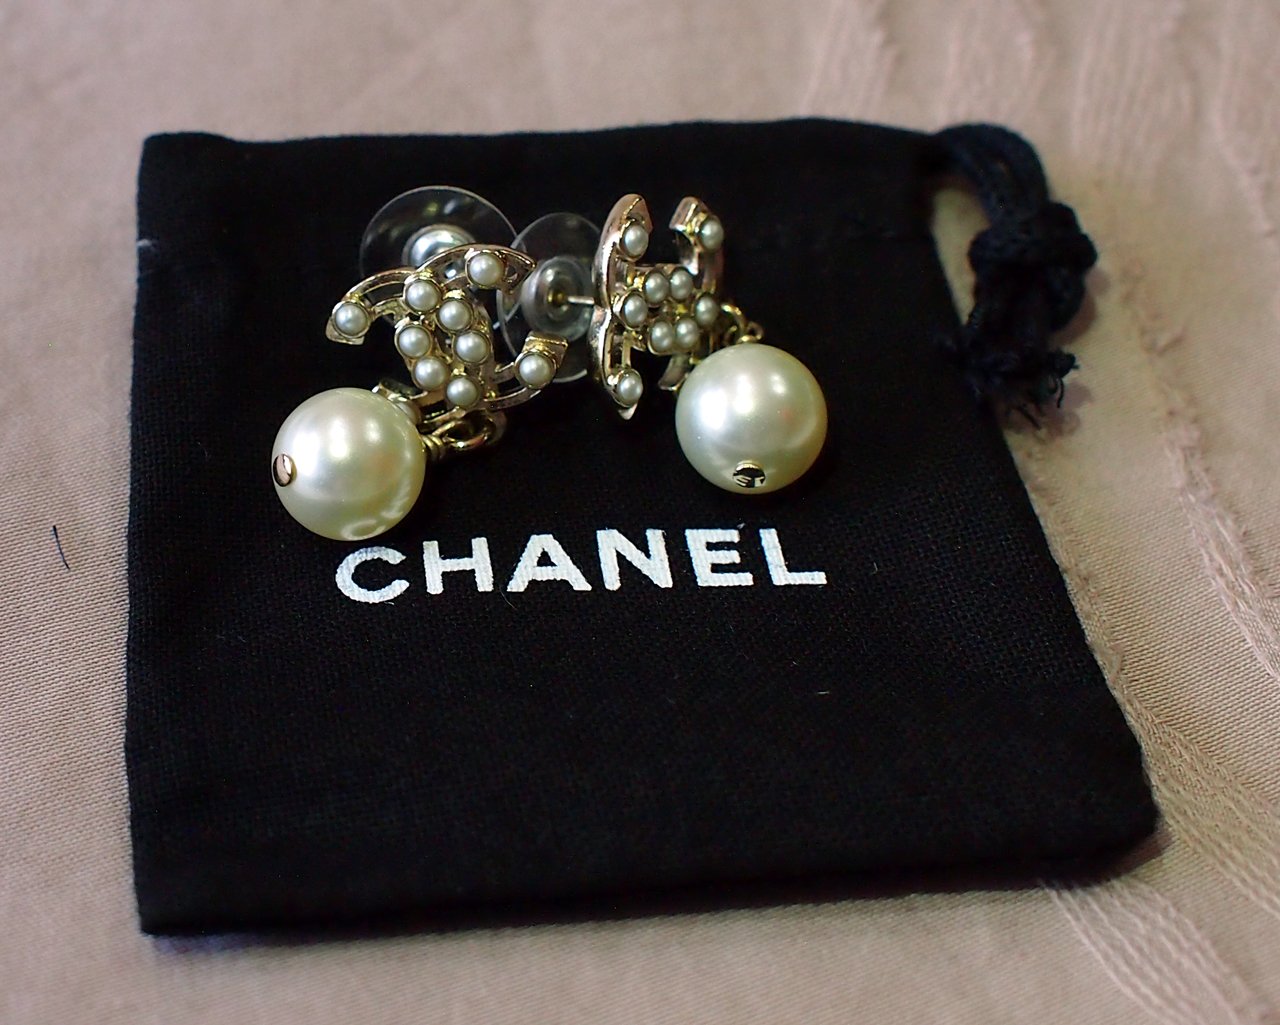 Branded Sale;Chanel;Chanel Earrings; Chanel Earrings price